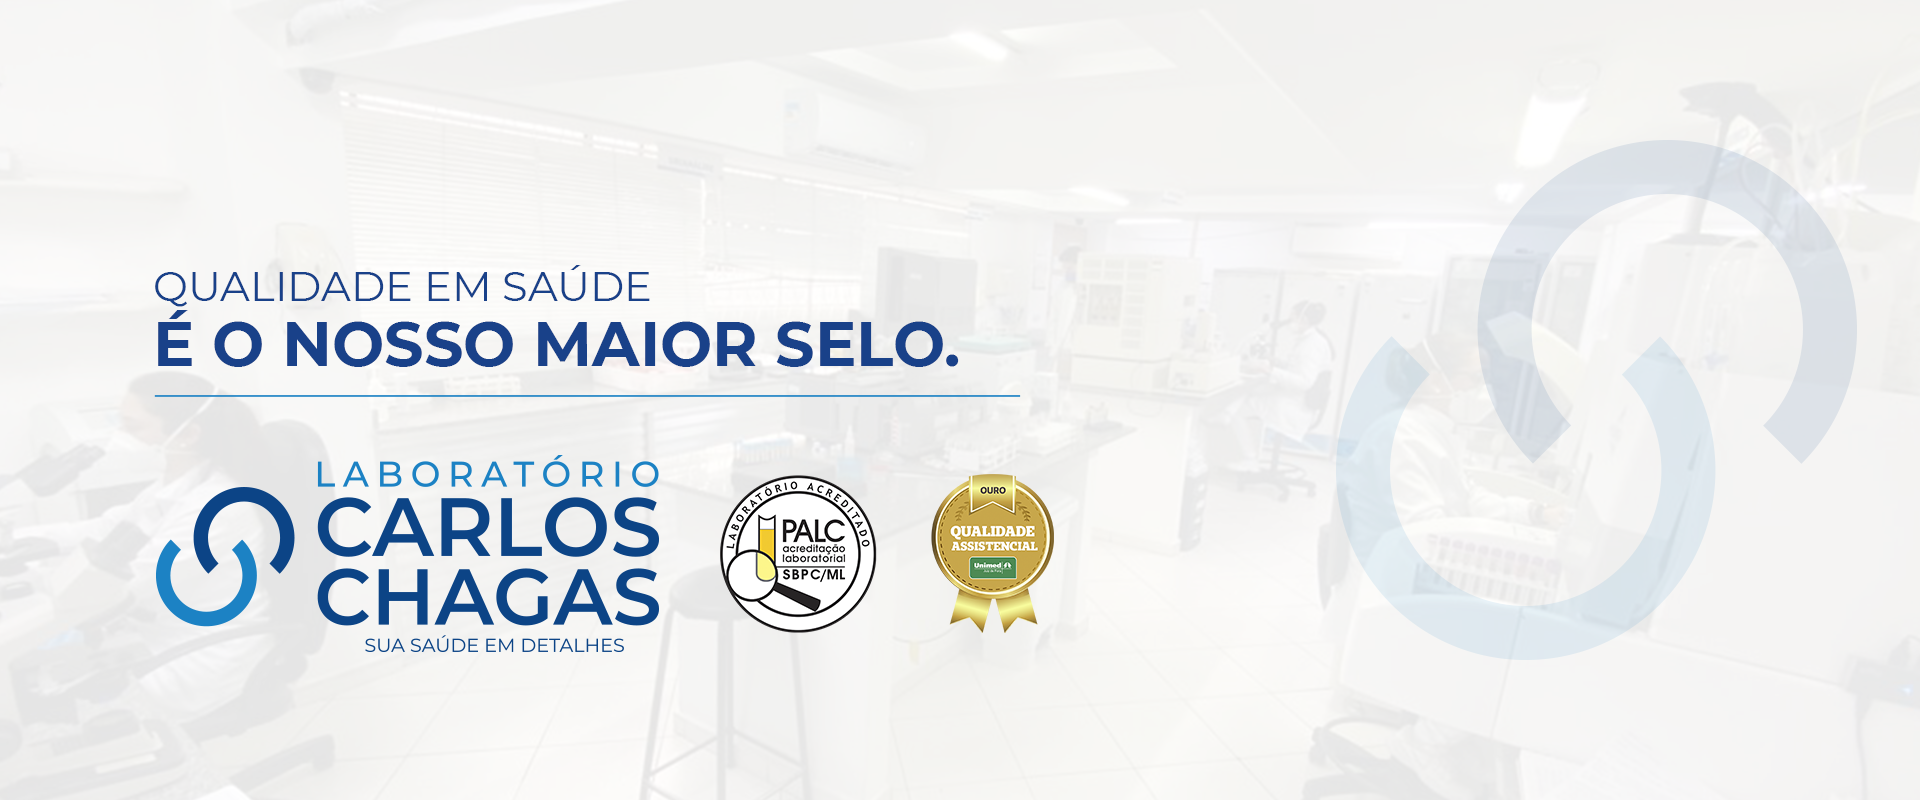 Qualidade Laboratório Carlos Chagas